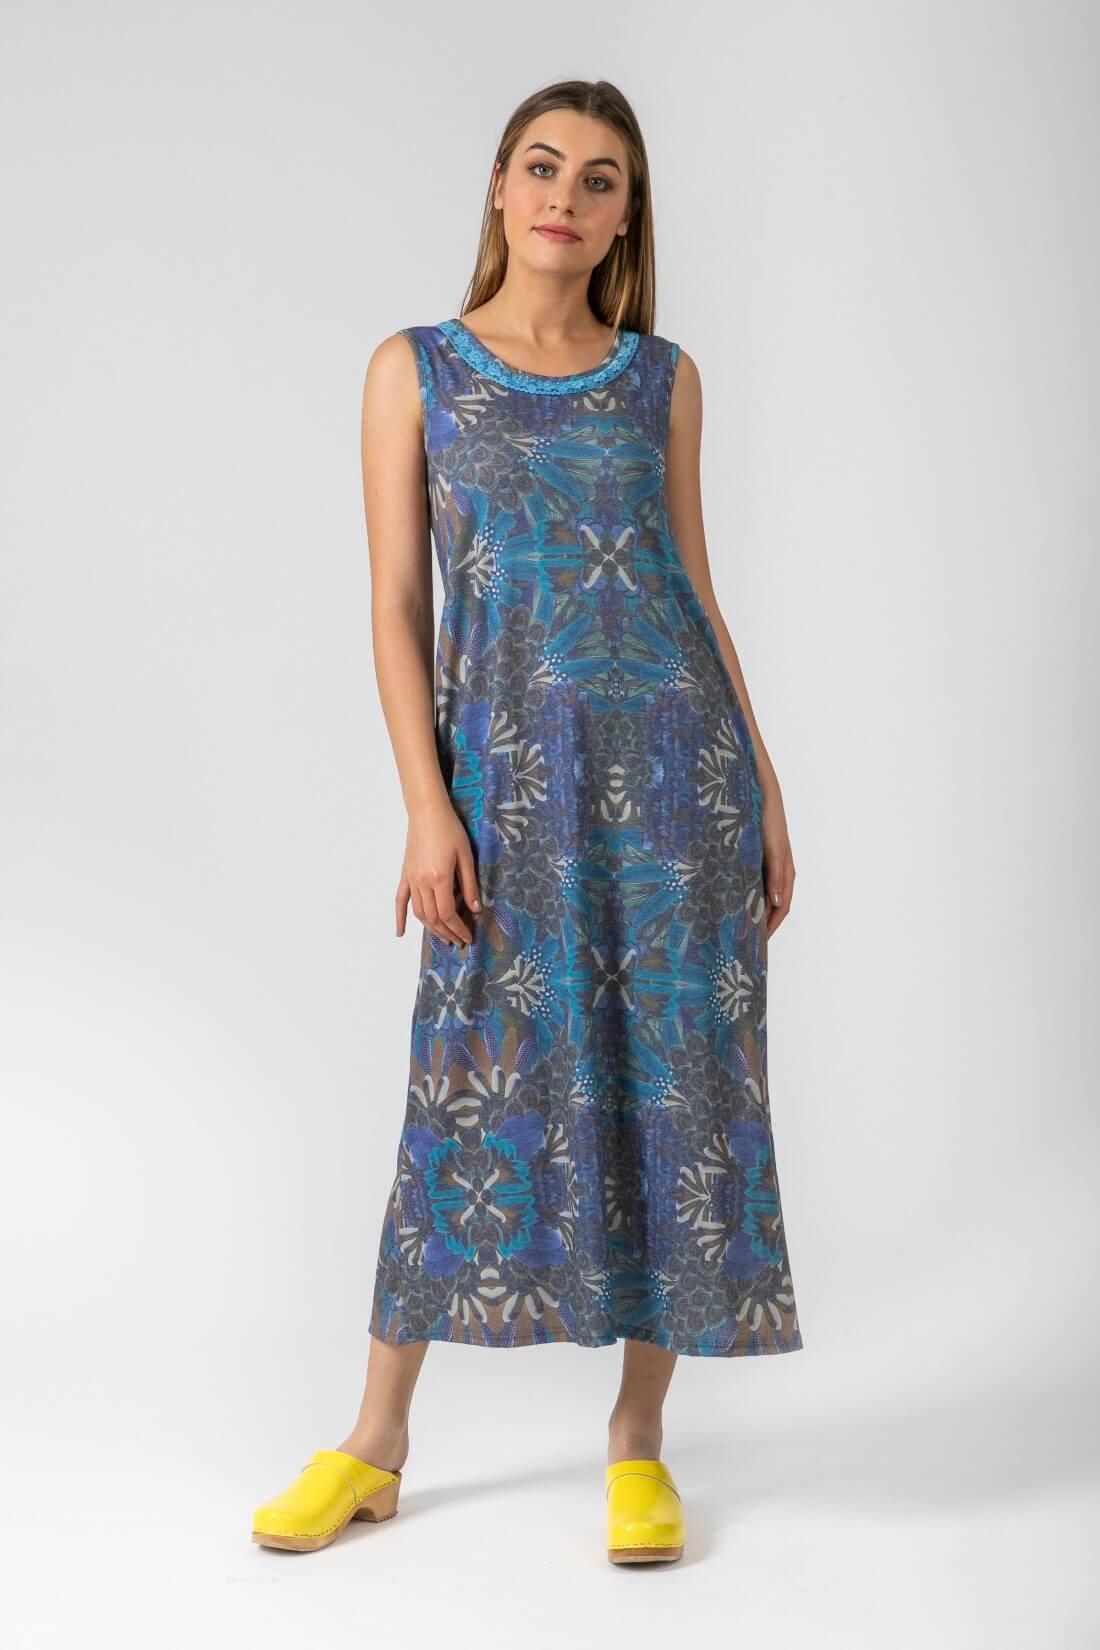 שמלה פרחונית עם כיסים דגם להרשים שמיים.